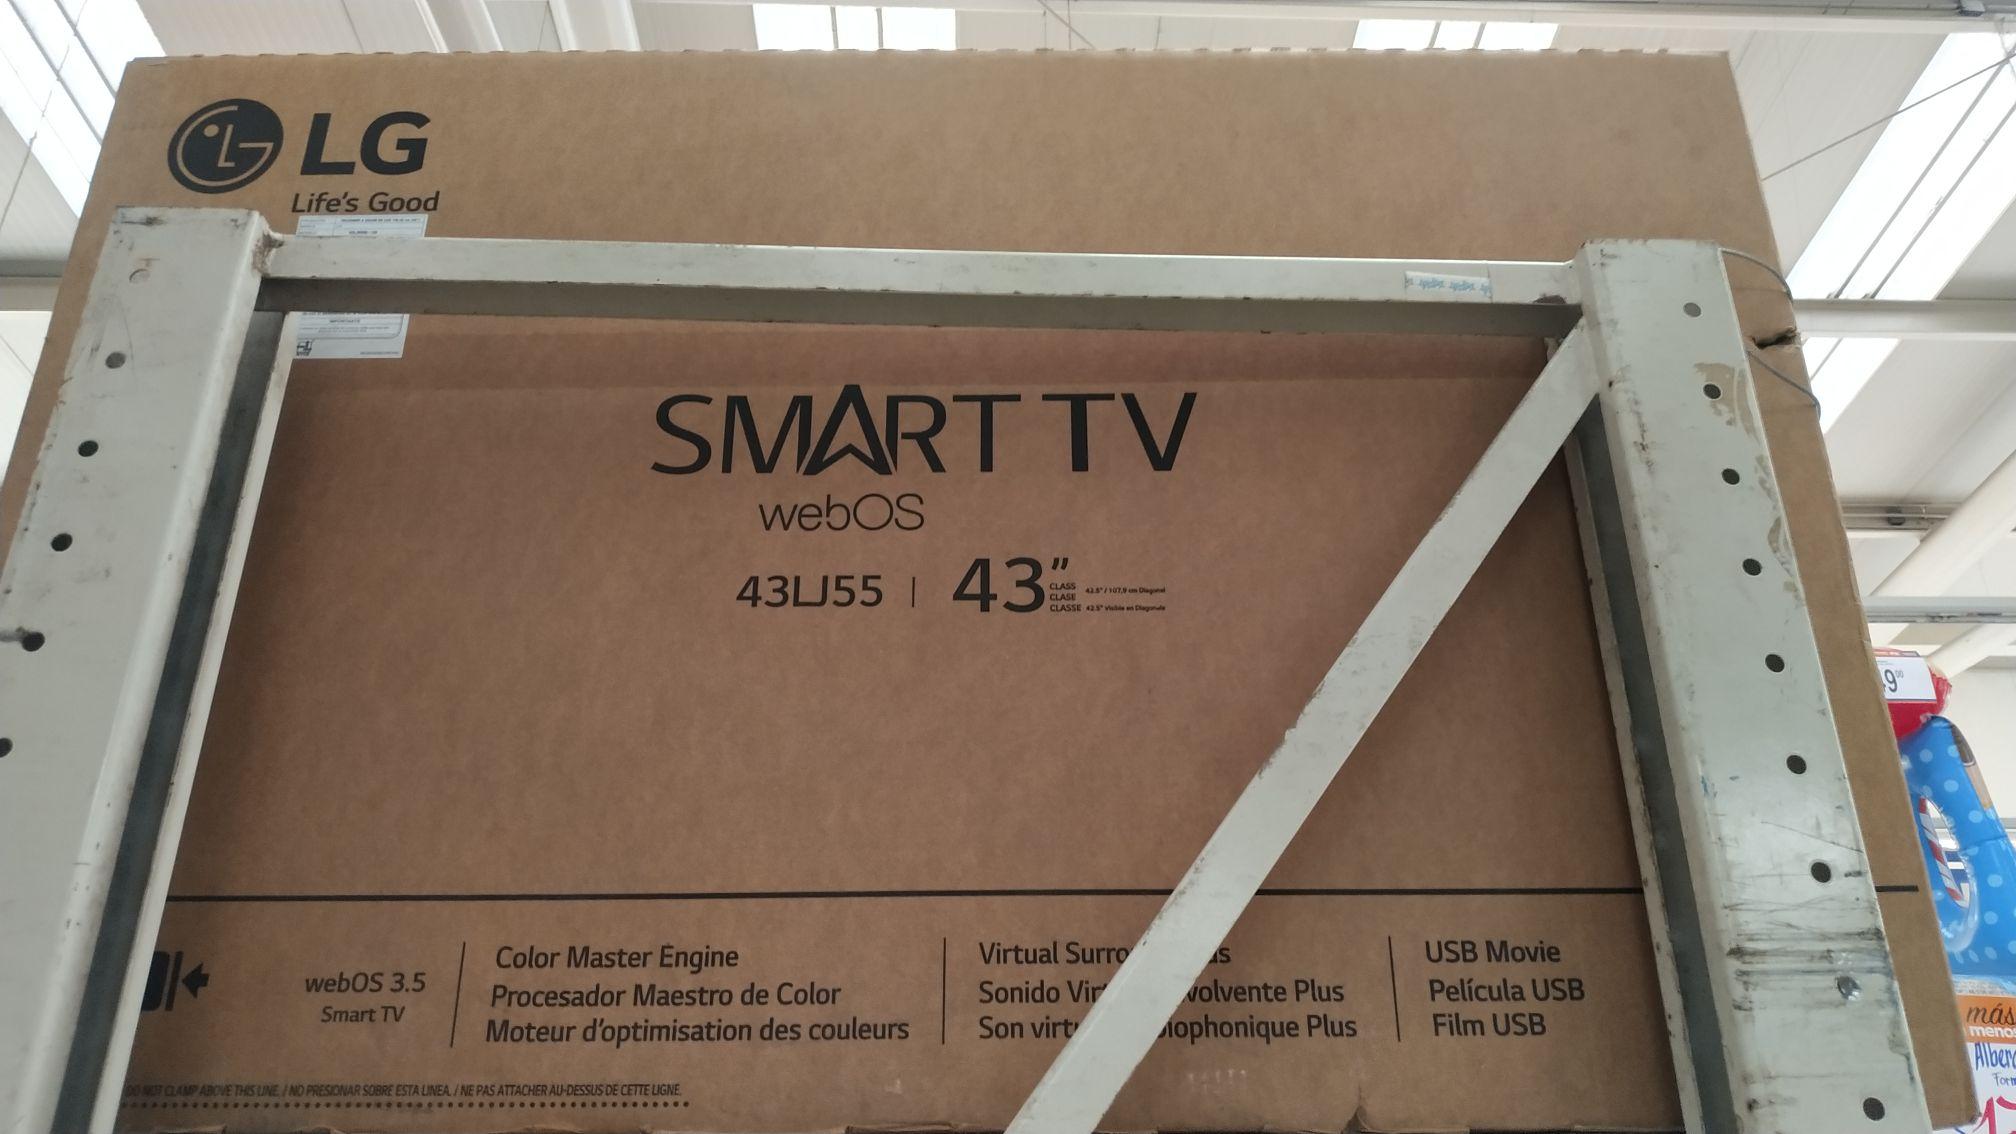 Chedraui: LG smartv WebOS LJ55